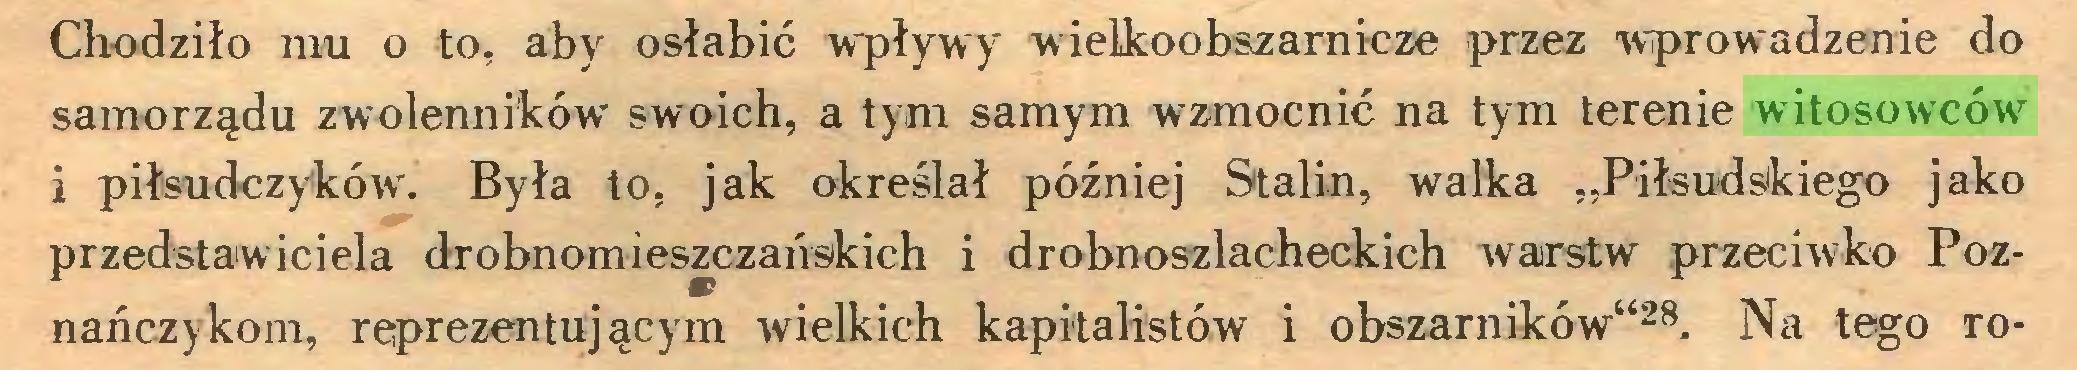 """(...) Chodziło mu o to, aby osłabić wpływy wielkoobszarnicze przez wprowadzenie do samorządu zwolenników swoich, a tym samym wzmocnić na tym terenie witosowców i piłsudczyków. Była to, jak określał później Stalin, walka """"Piłsudskiego jako przedstawiciela drobnomieszczańskich i drobnoszlacheckich warstw przeciwko Poznańczykom, reprezentującym wielkich kapitalistów i obszarników""""28. Na tego ro..."""